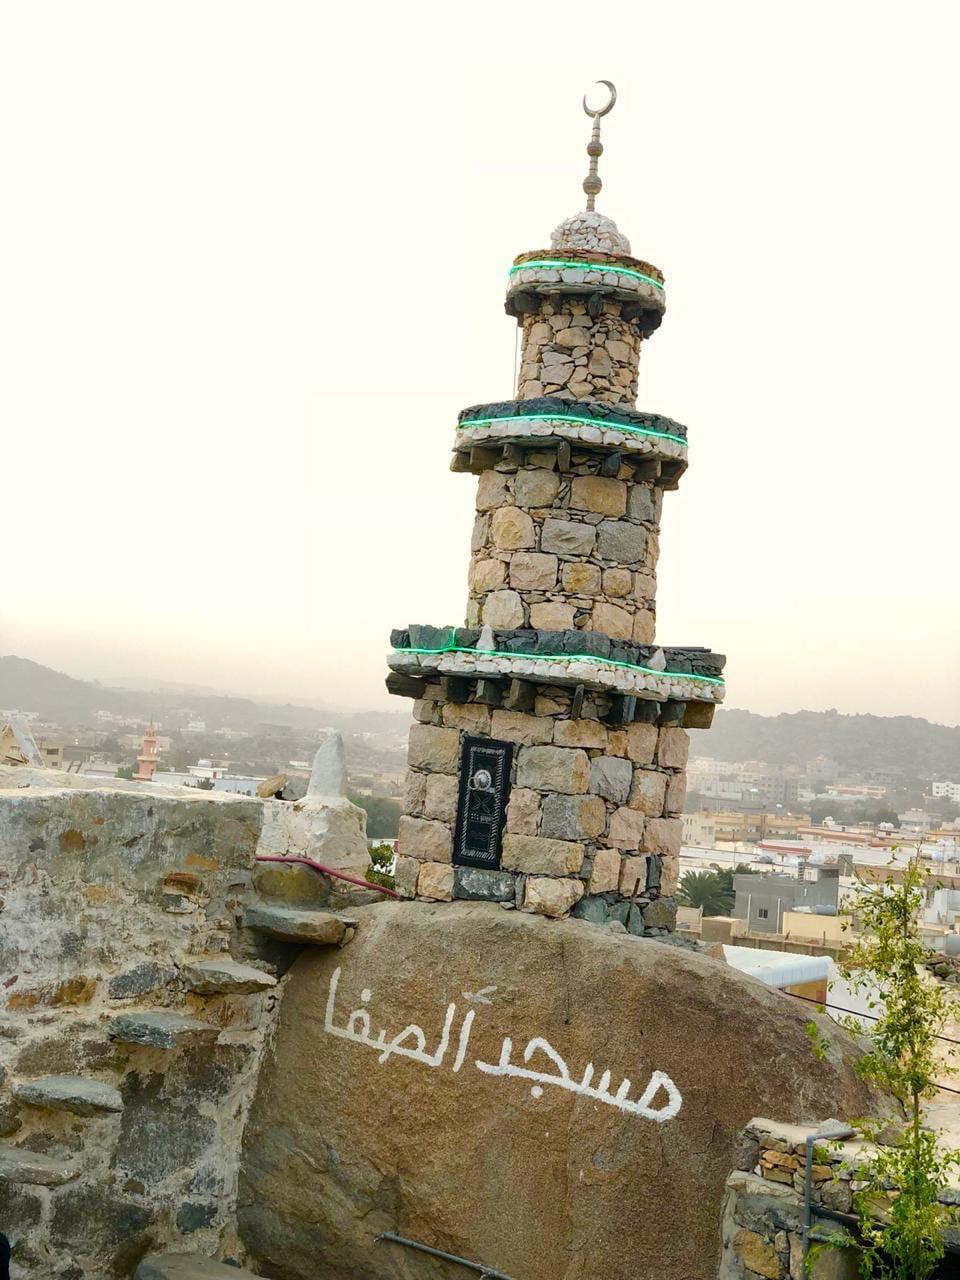 ١٤ مصورة في الباحة يوثقن المعالم التاريخية لقرية سوق السبت التراثية | صحيفة  المناطق السعوديةصحيفة المناطق السعودية